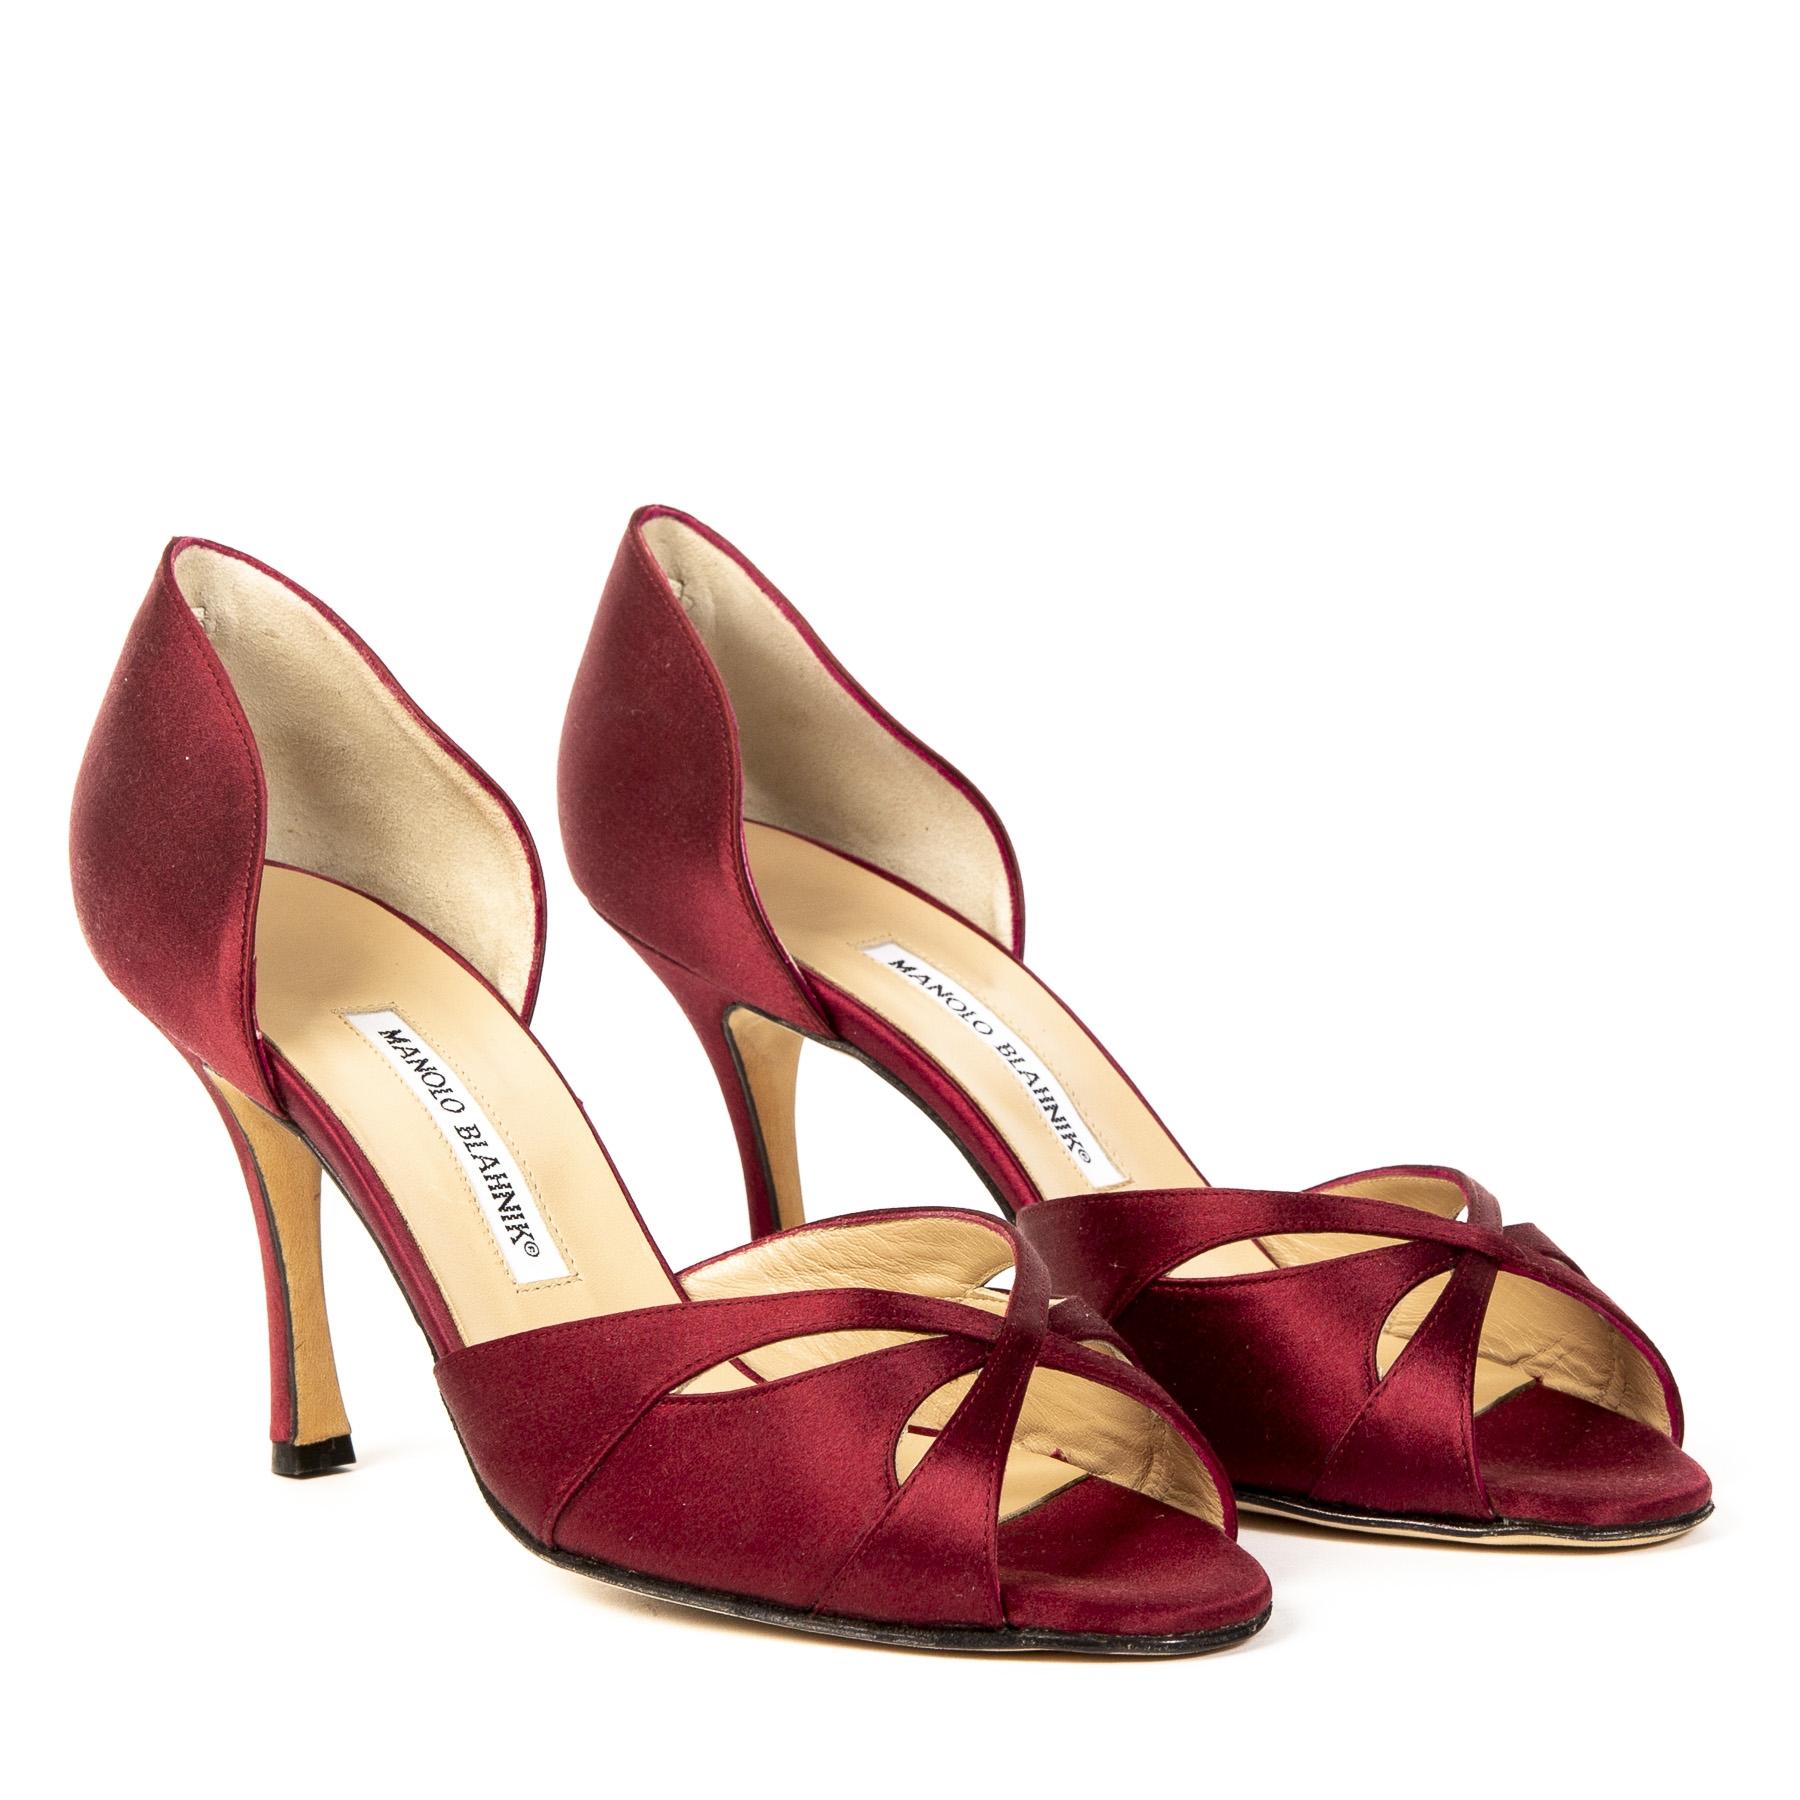 Authentieke Tweedehands Manolo Blahnik Bordeaux Satin Butterflop Peep Toe Heels juiste prijs veilig online shoppen luxe merken webshop winkelen Antwerpen België mode fashion